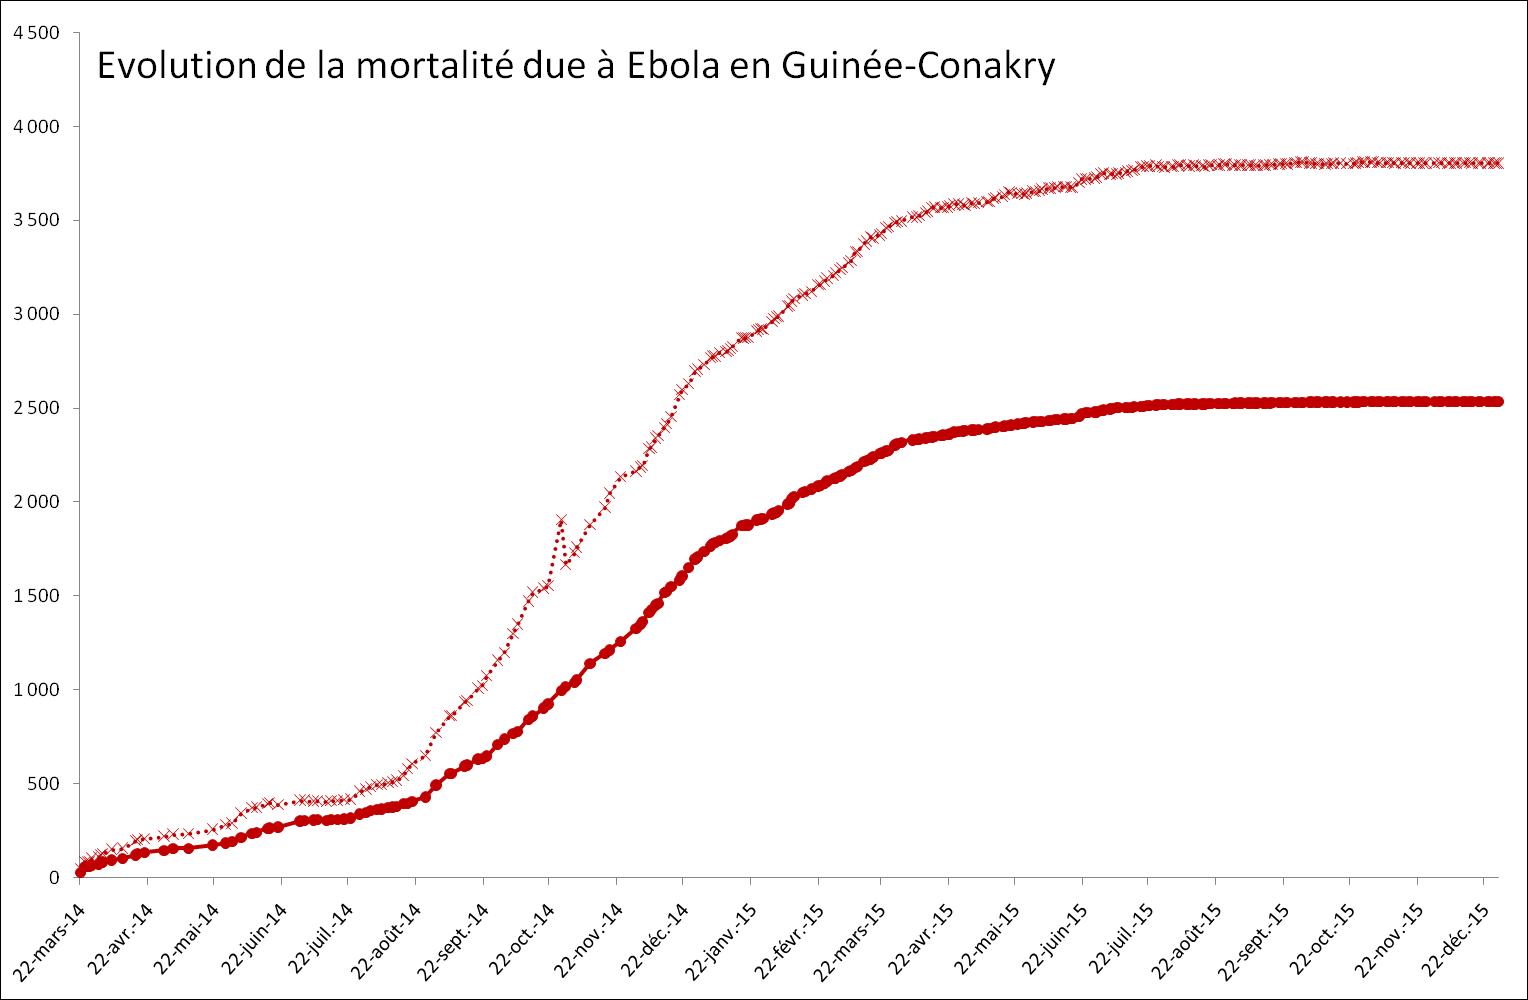 Evolution de la mortalité provoquée par Ebola en Guinée-Conakry en 2014-2015